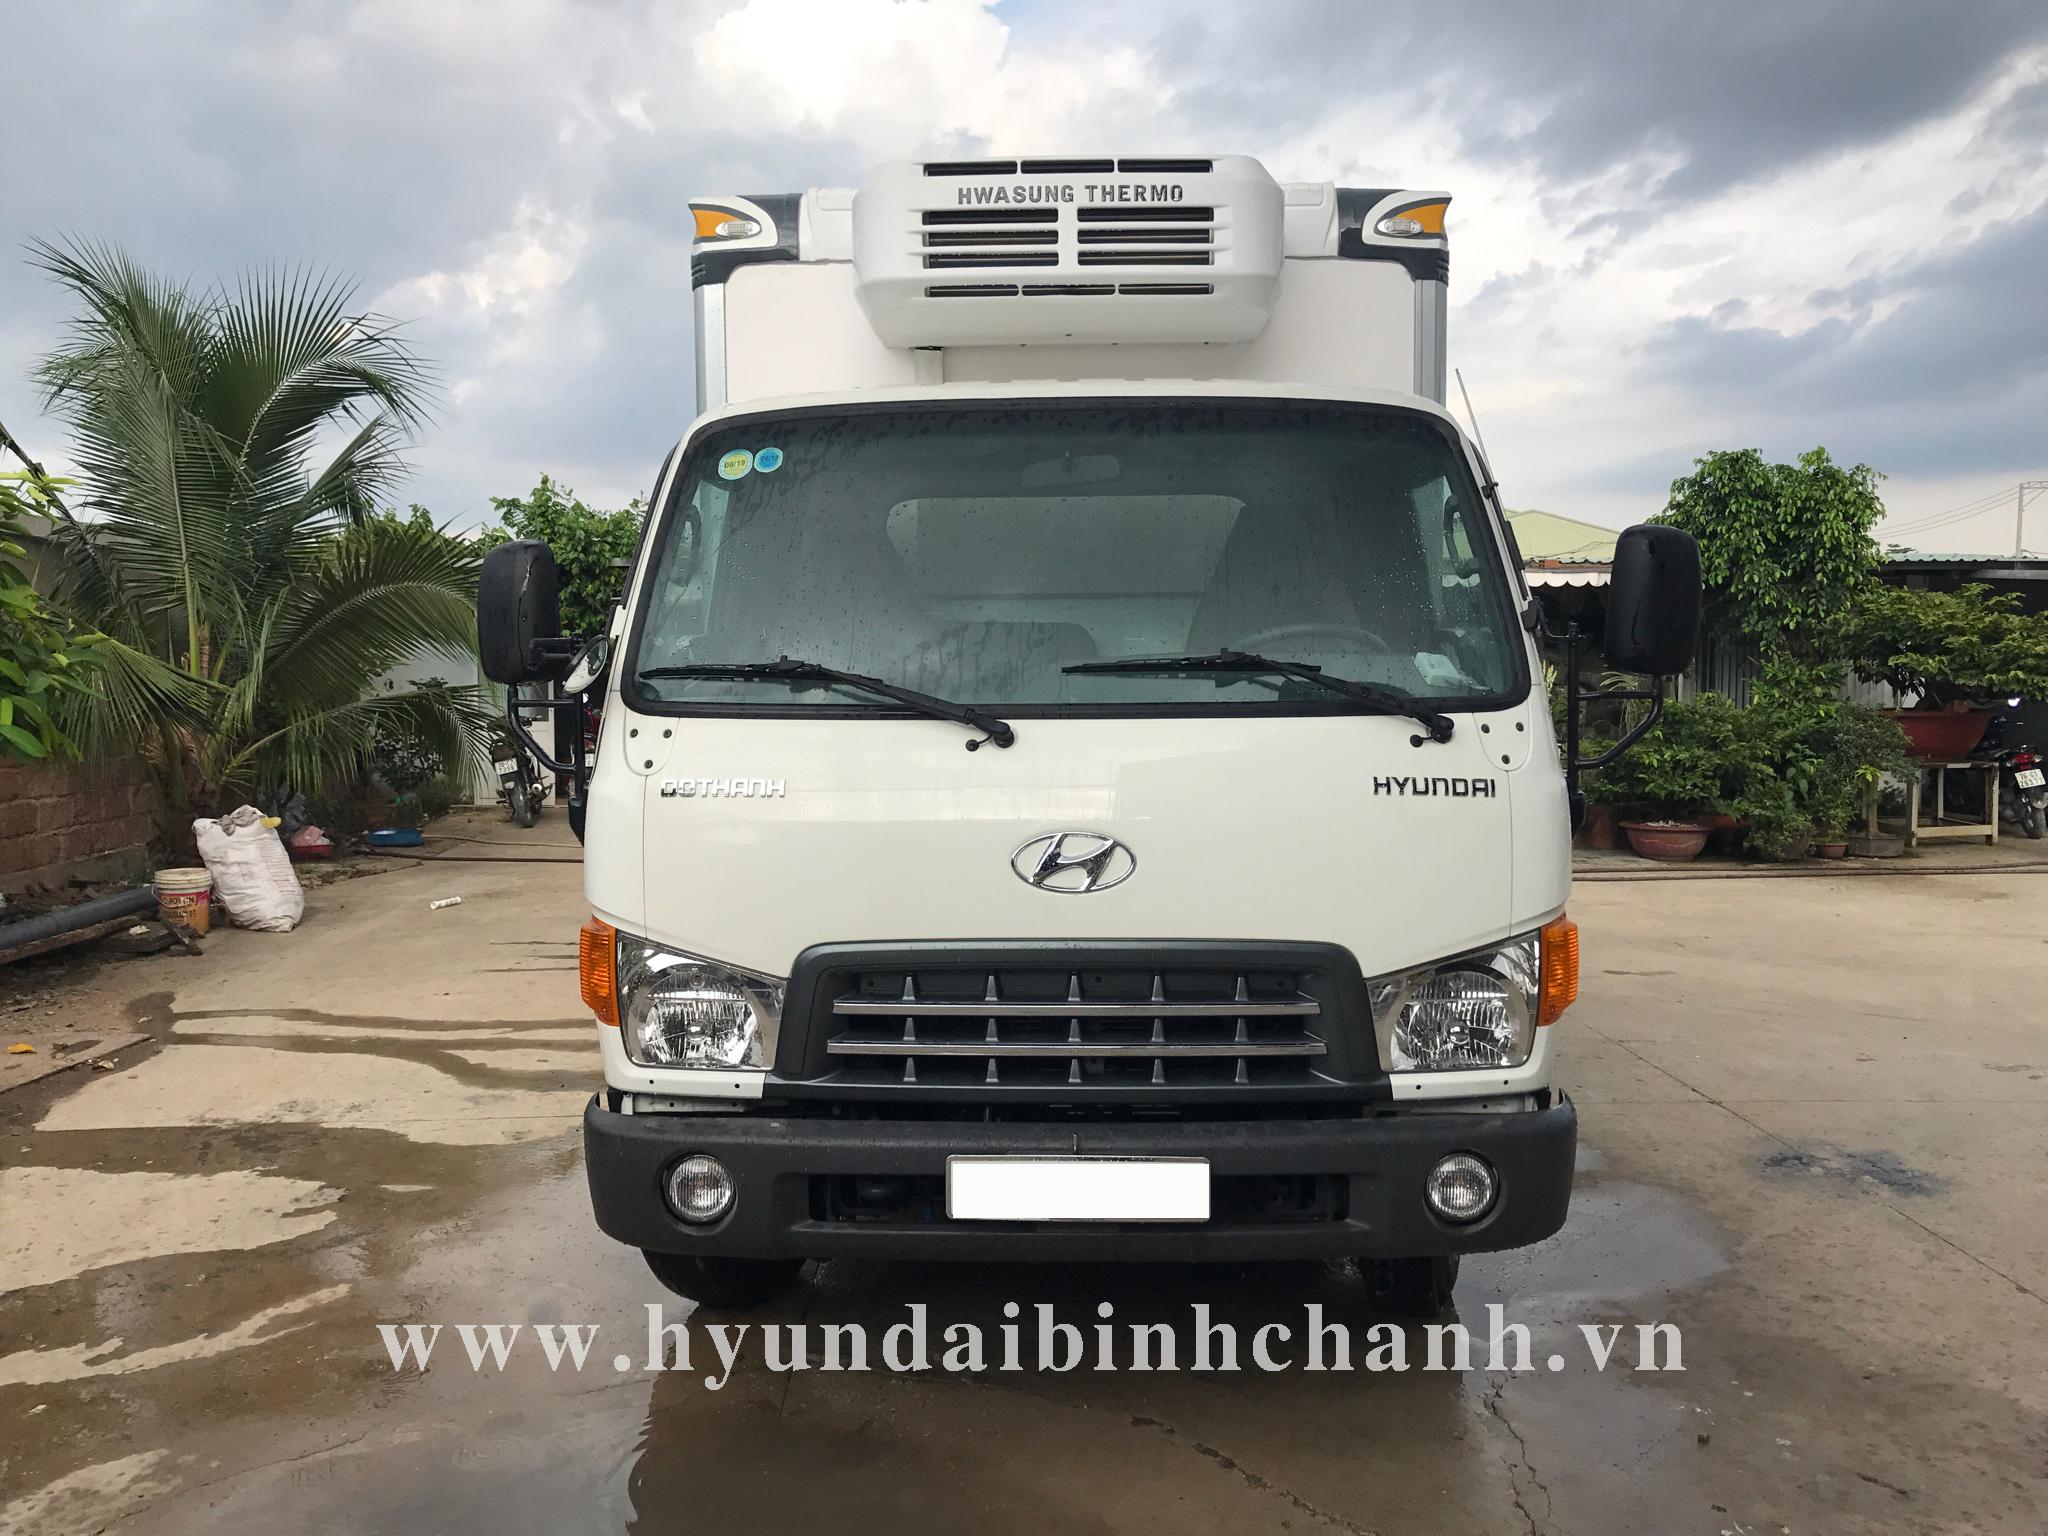 xe-tai-dong-lanh-6-tan-hyundai-hd99 Thùng đông lạnh Hyundai HD99 có khung treo thịt heo | Hyundai Bình Chánh